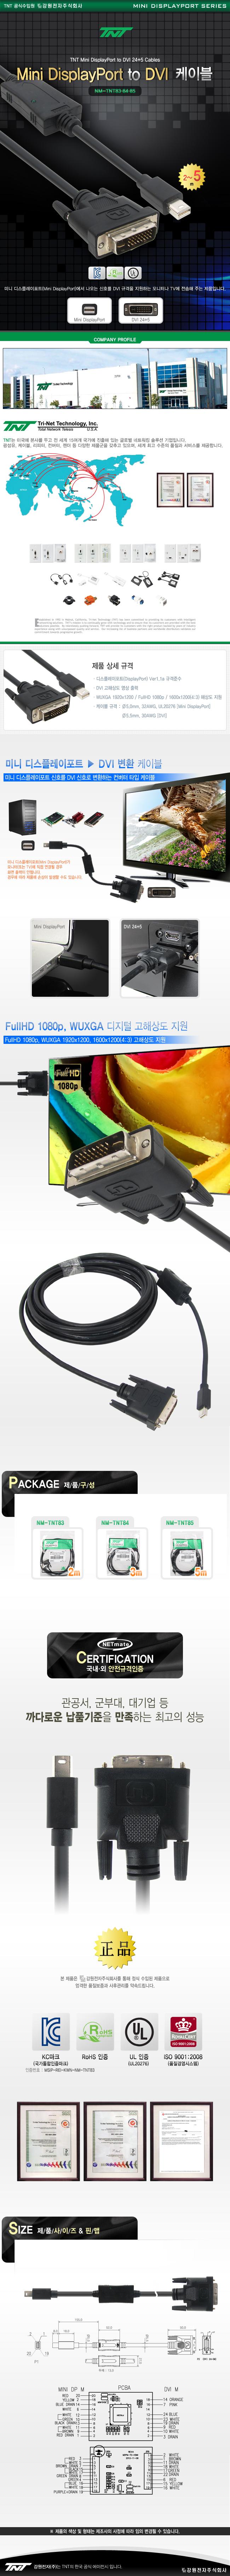 TNT  Mini DisplayPort to DVI(24+5) 케이블(2m, NM-TNT83)